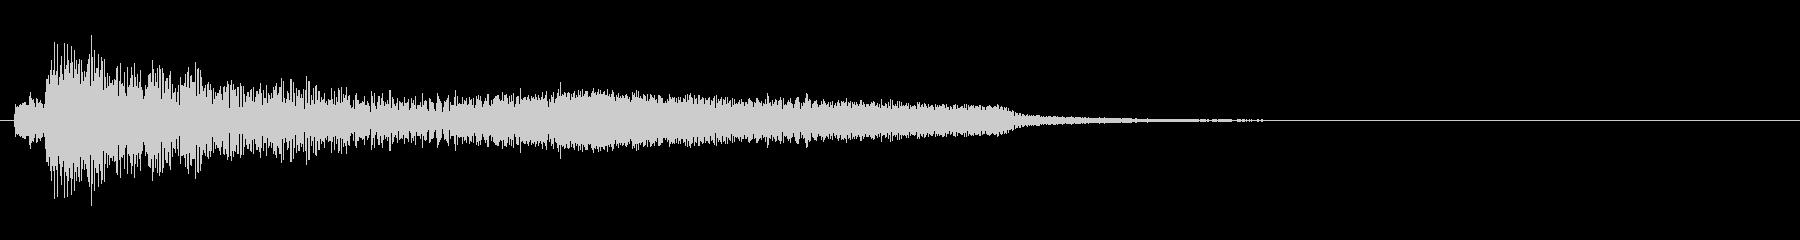 ピアノやシンセを使った綺麗な儚げジングルの未再生の波形